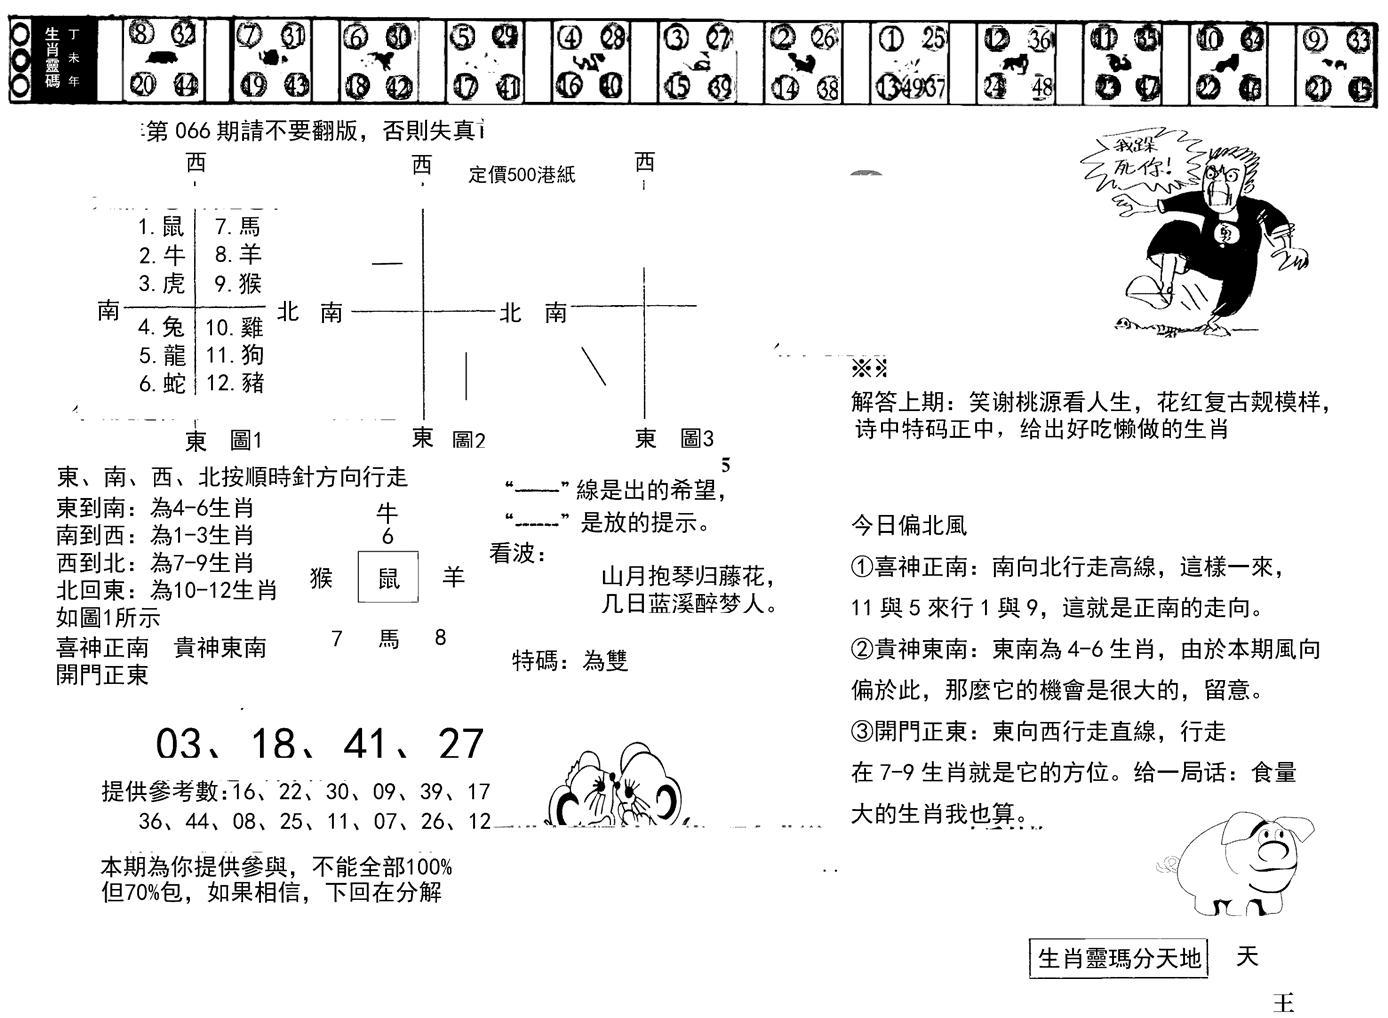 066期正版澳门足球报(黑白)